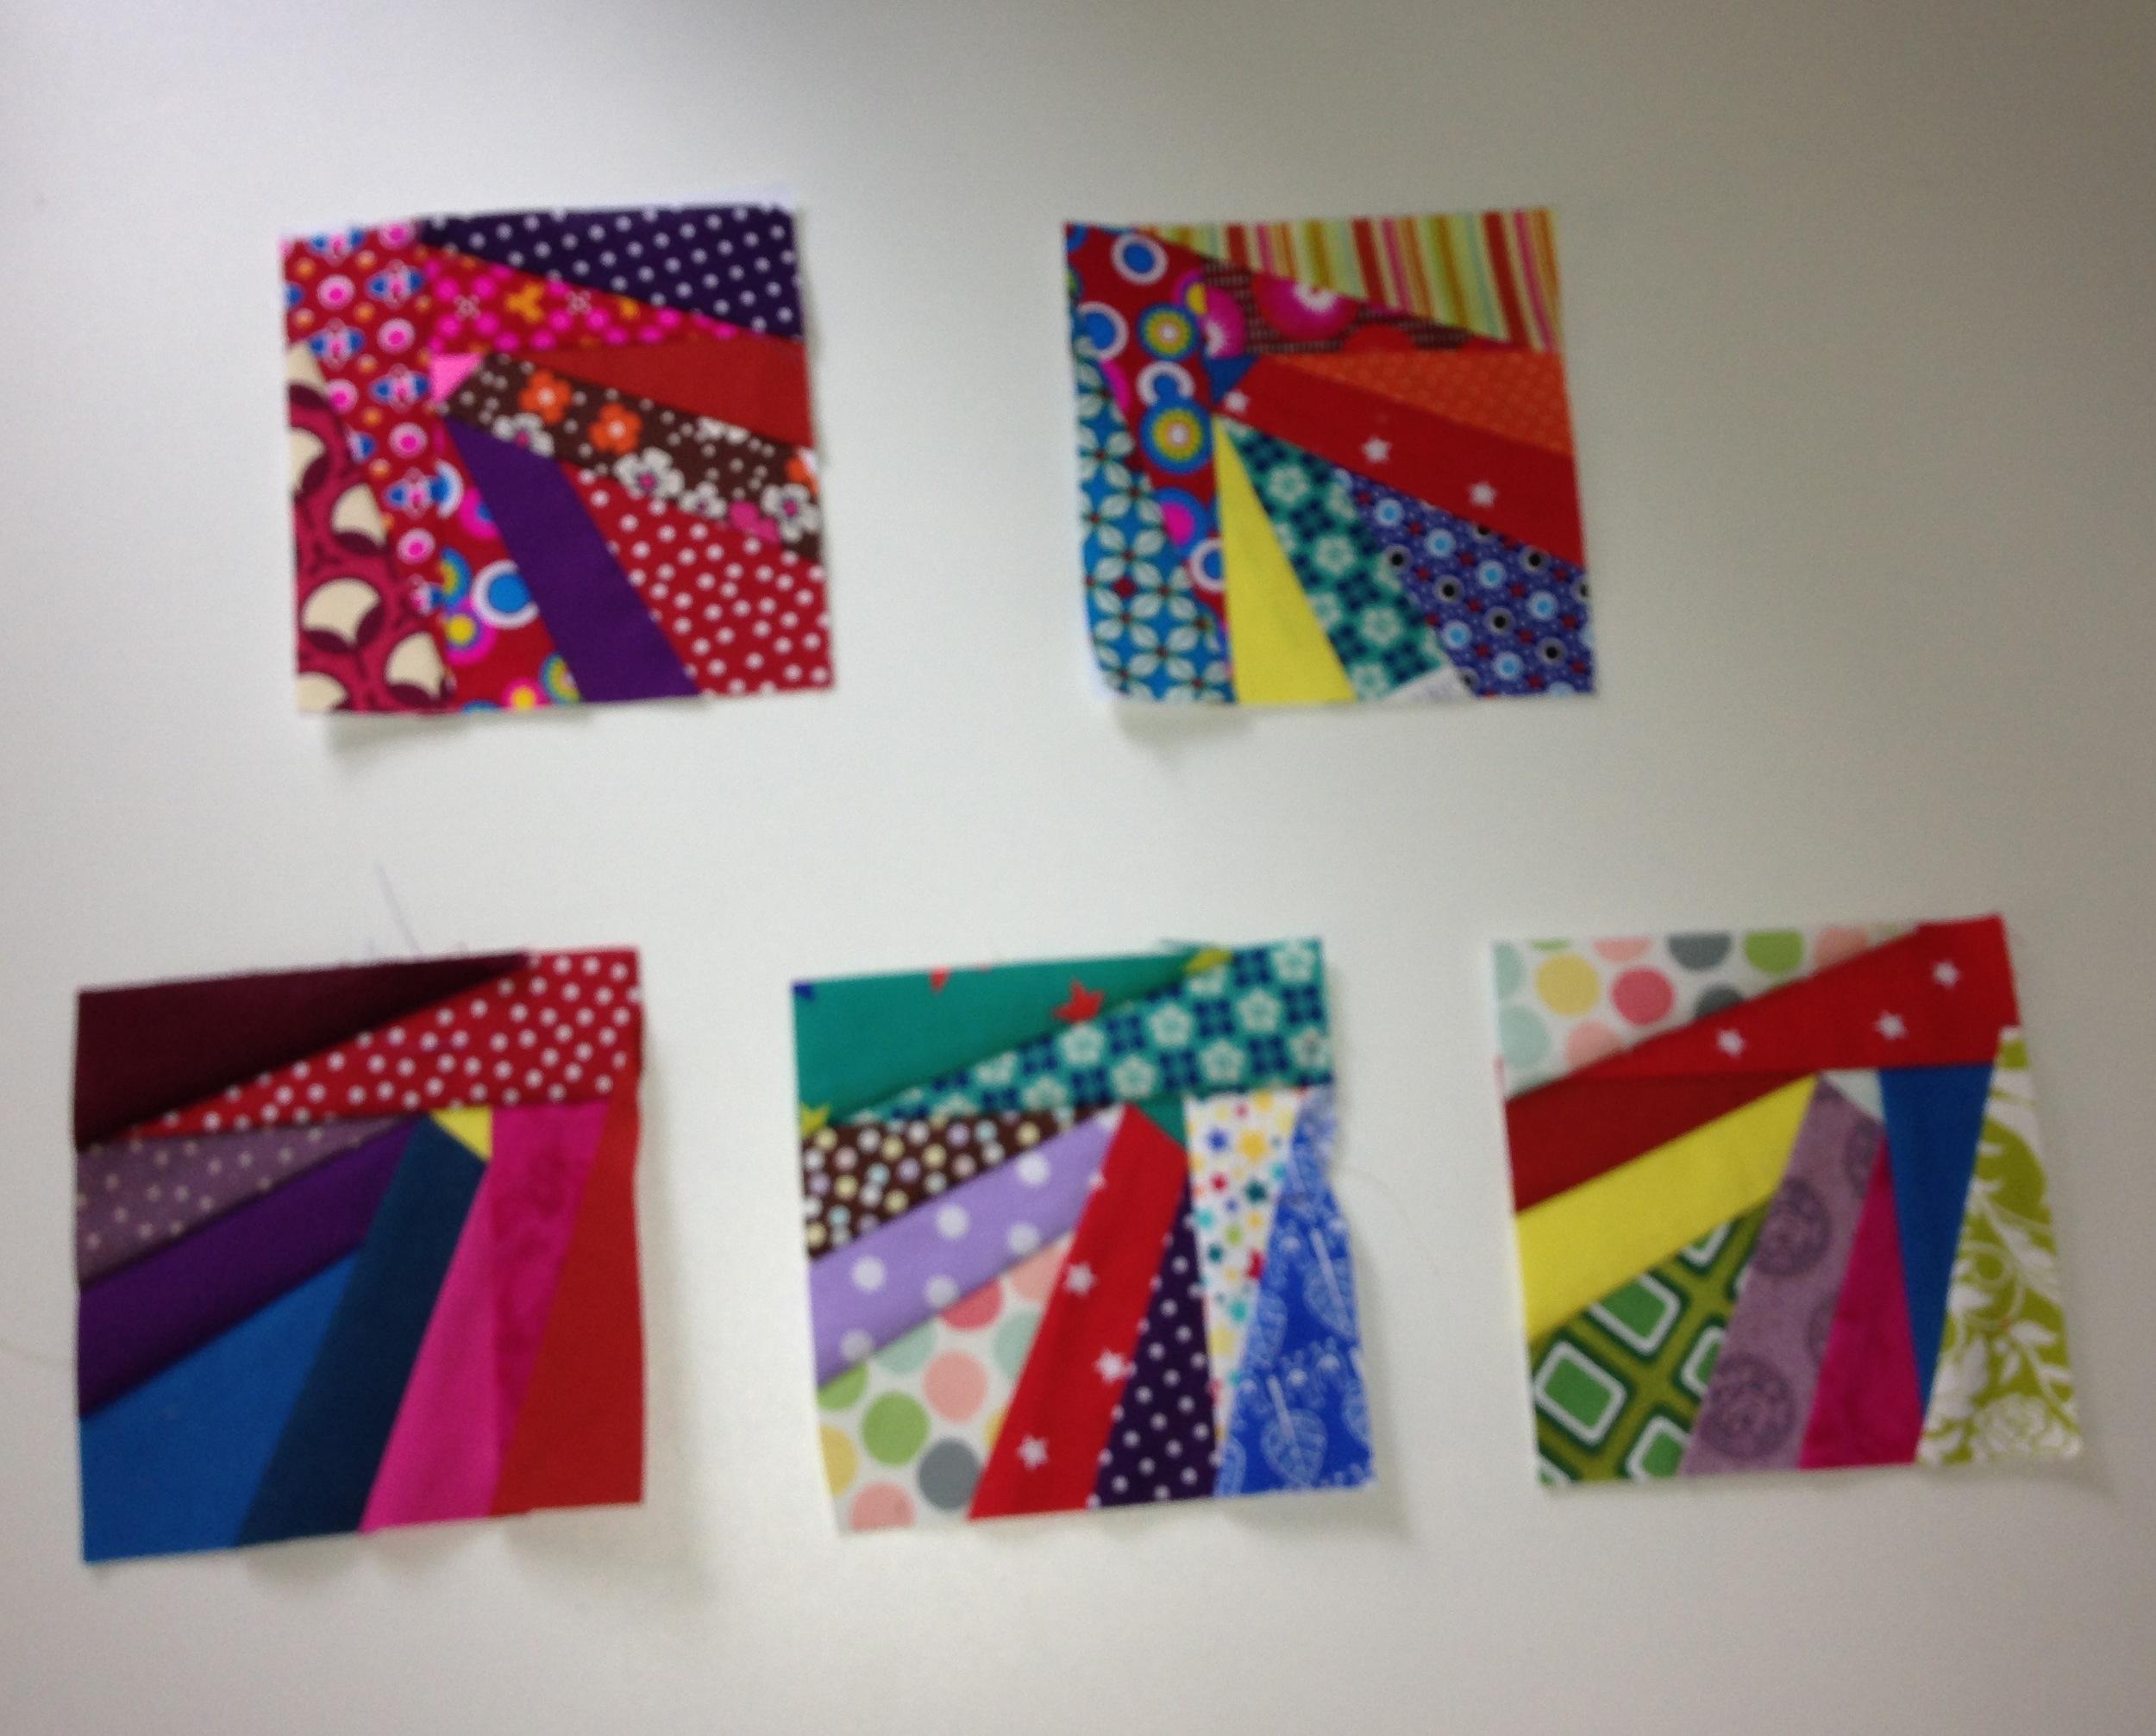 The final five practice paper pieced blocks (June 2013)